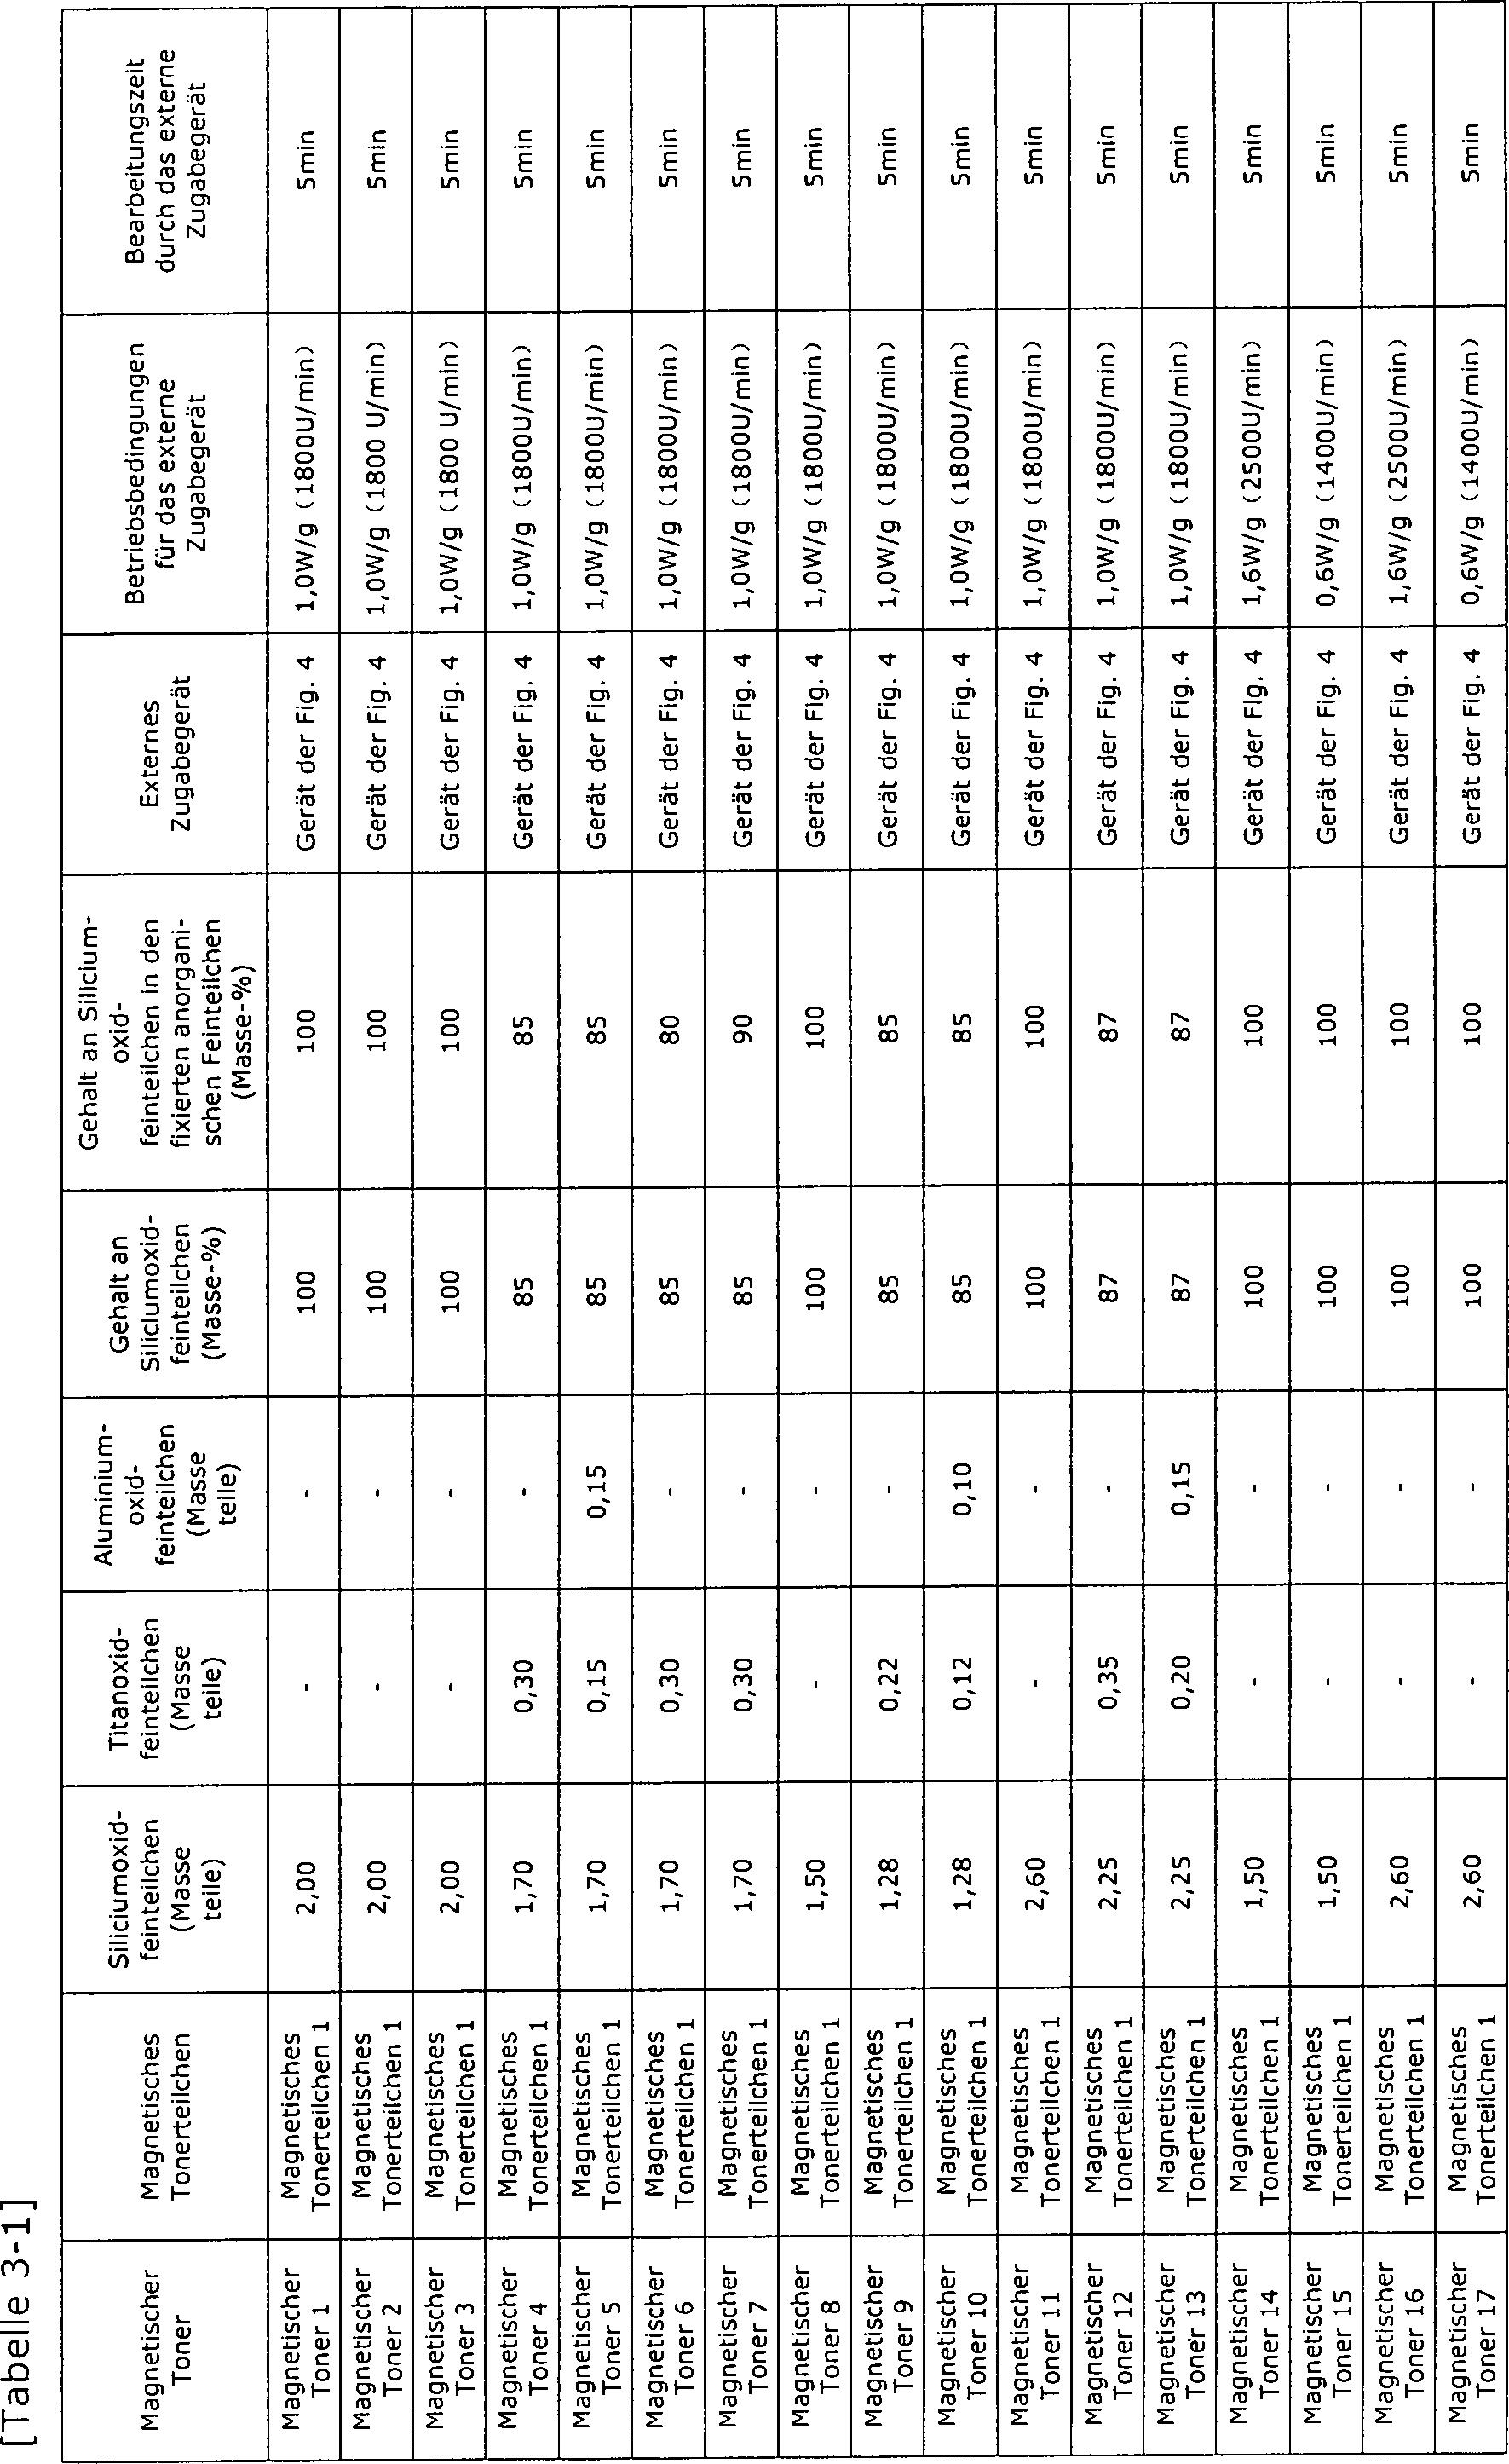 Figure DE112012005504T5_0006